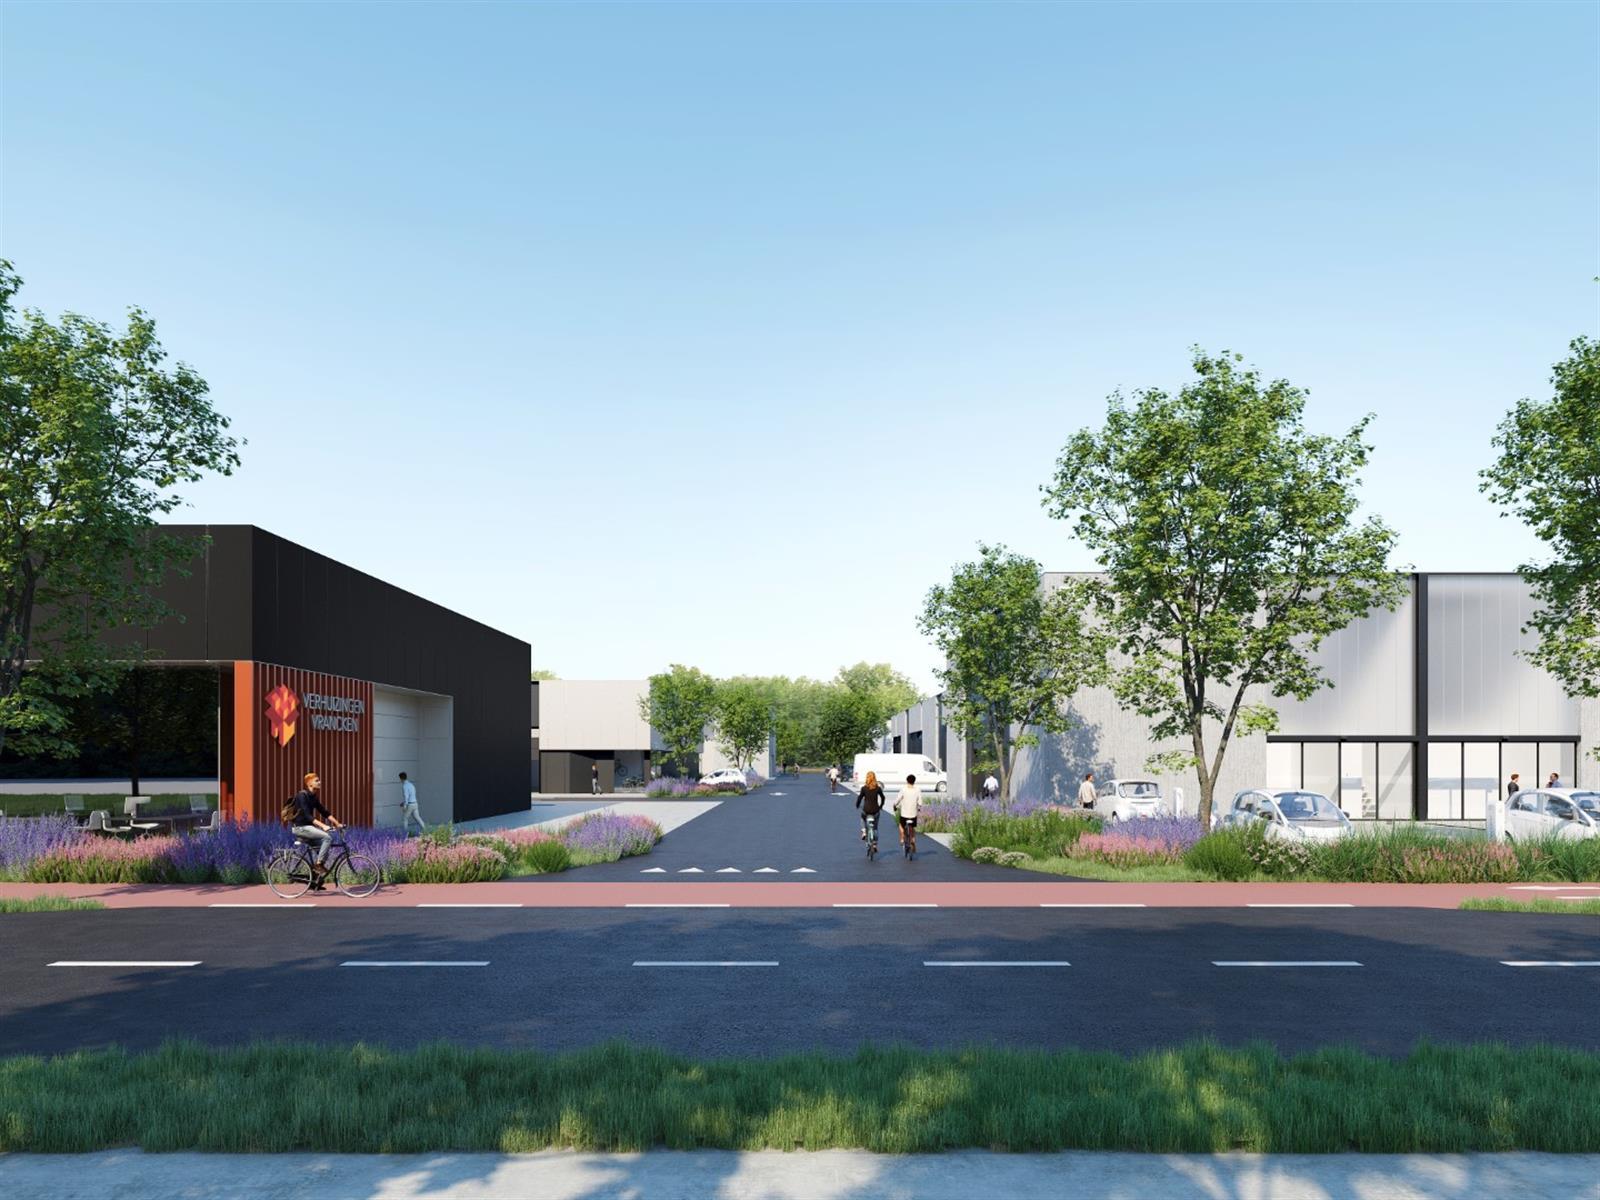 KMO-unit te koop Heros Businesspark KMO Unit 10 - Herkenrodesingel 10, 3500 Hasselt, België 5